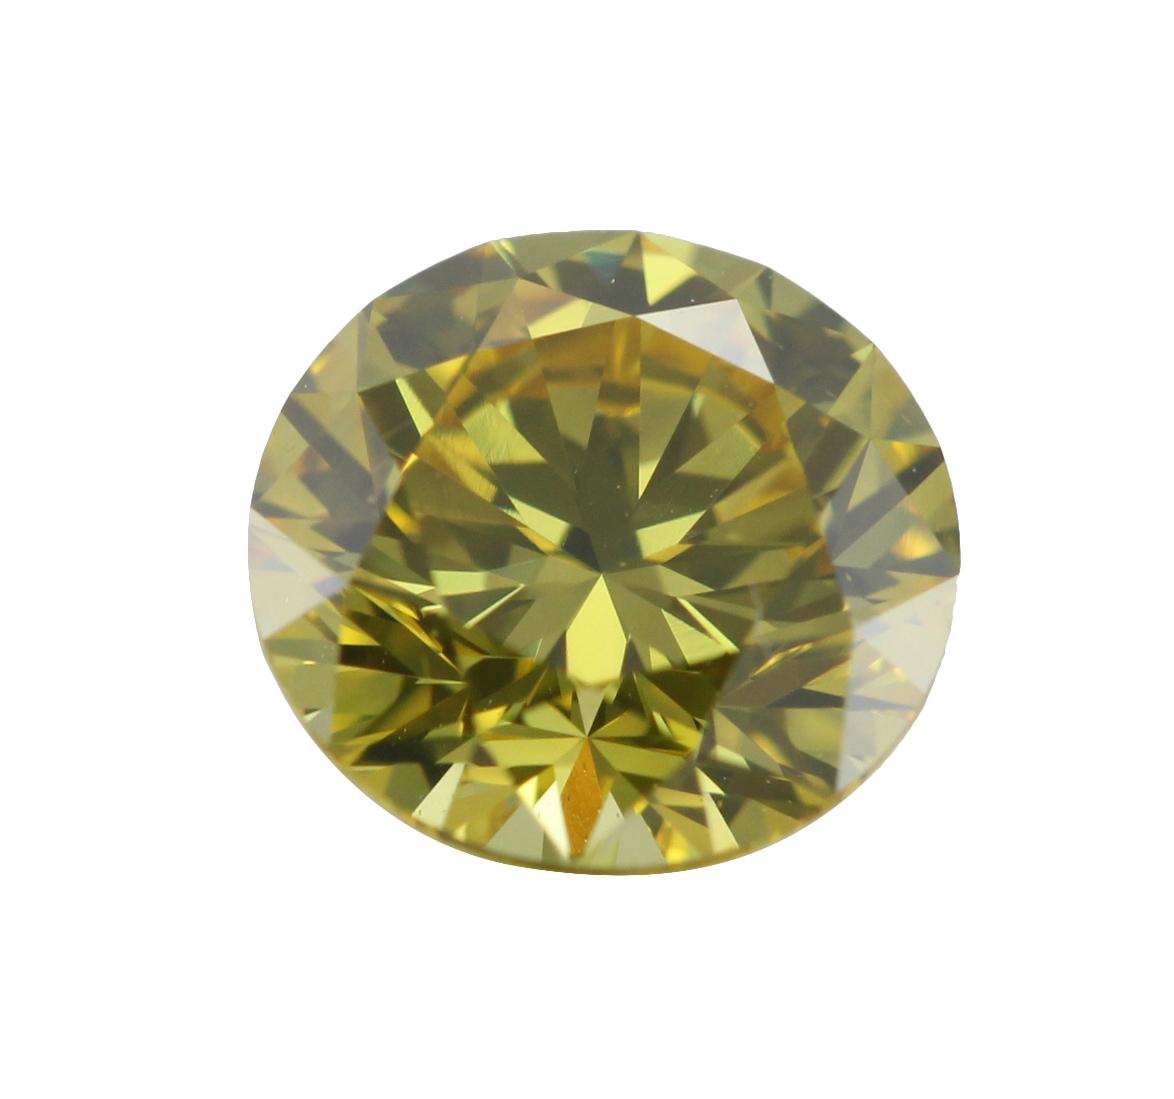 Round_canary_loose_diamonds.jpg